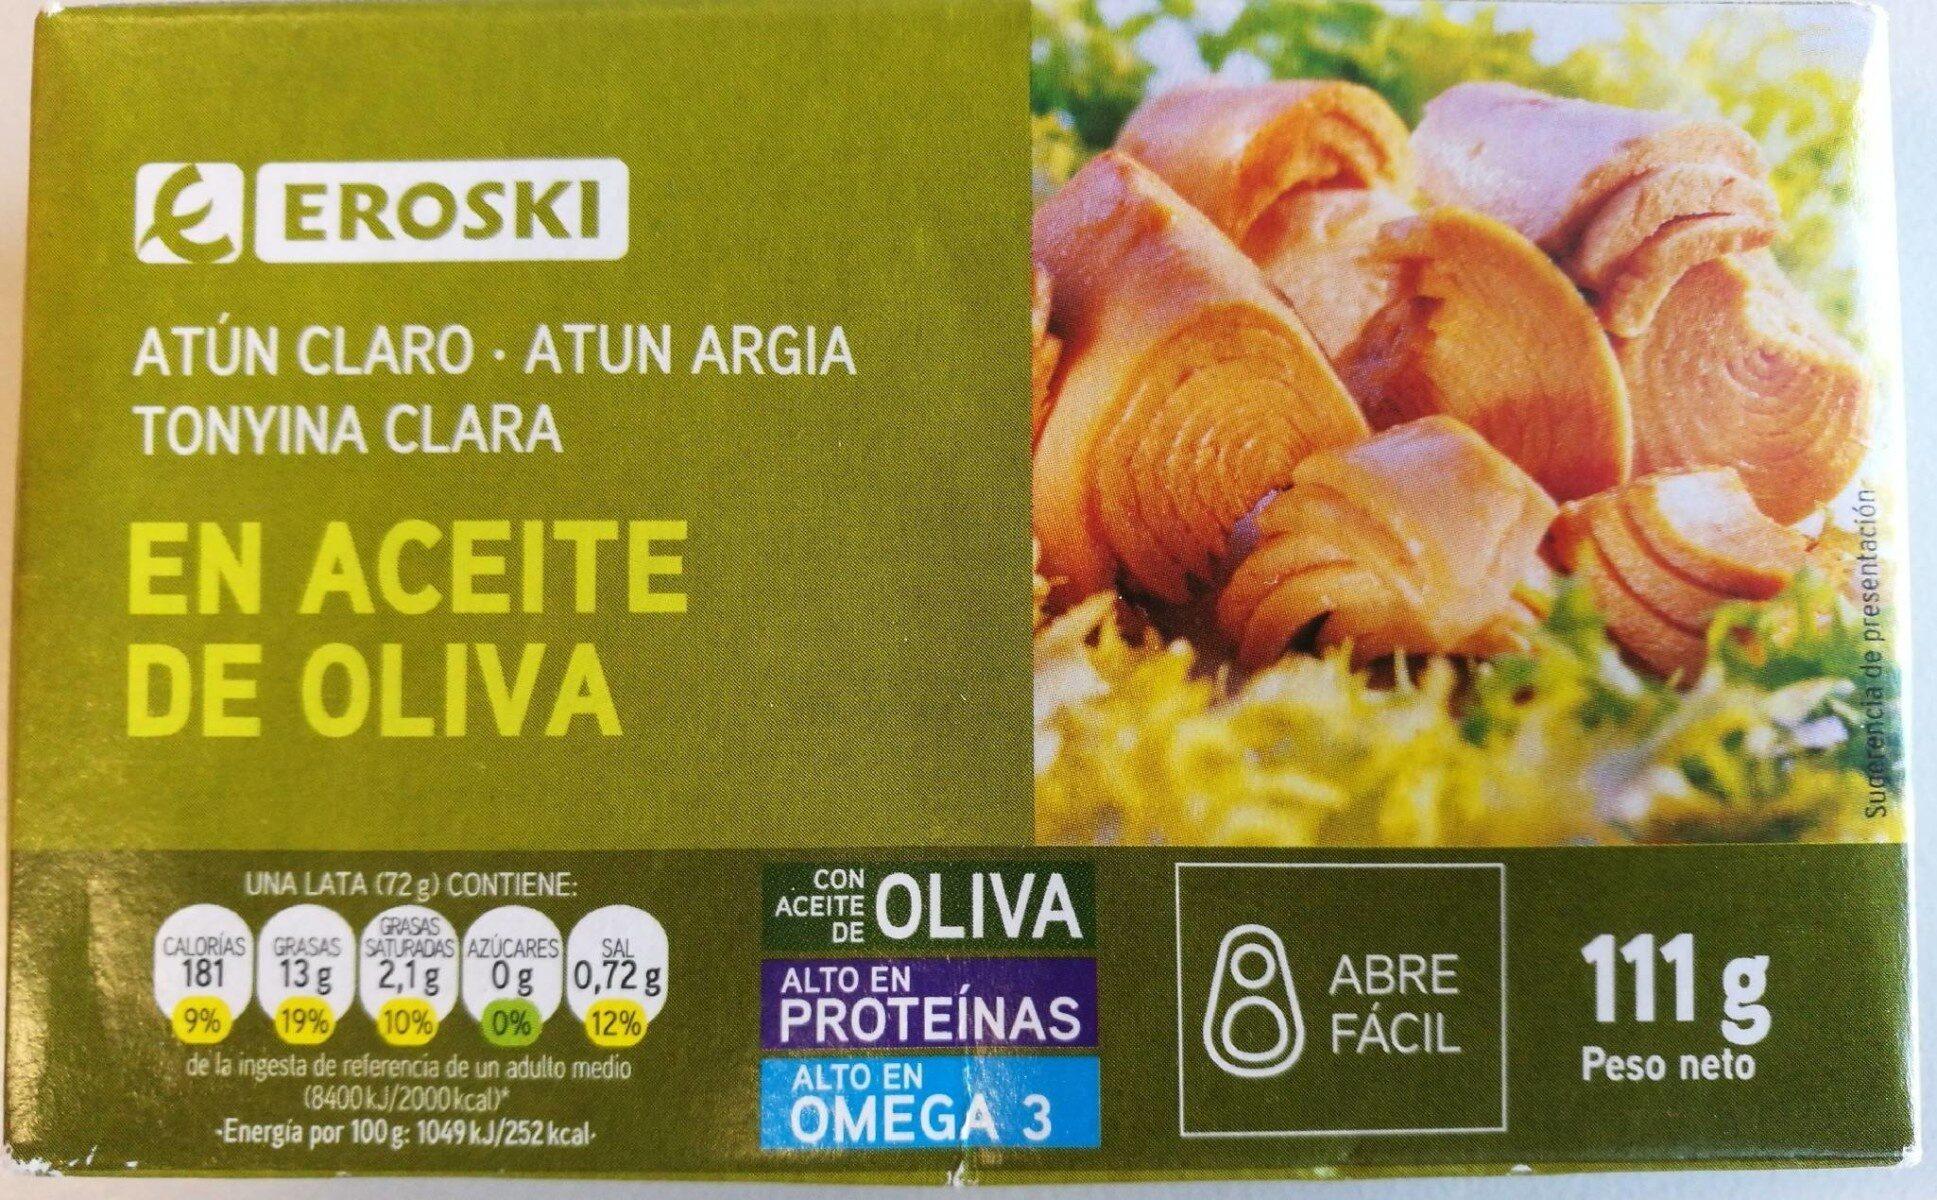 Atun claro en aceite de oliva - Product - es